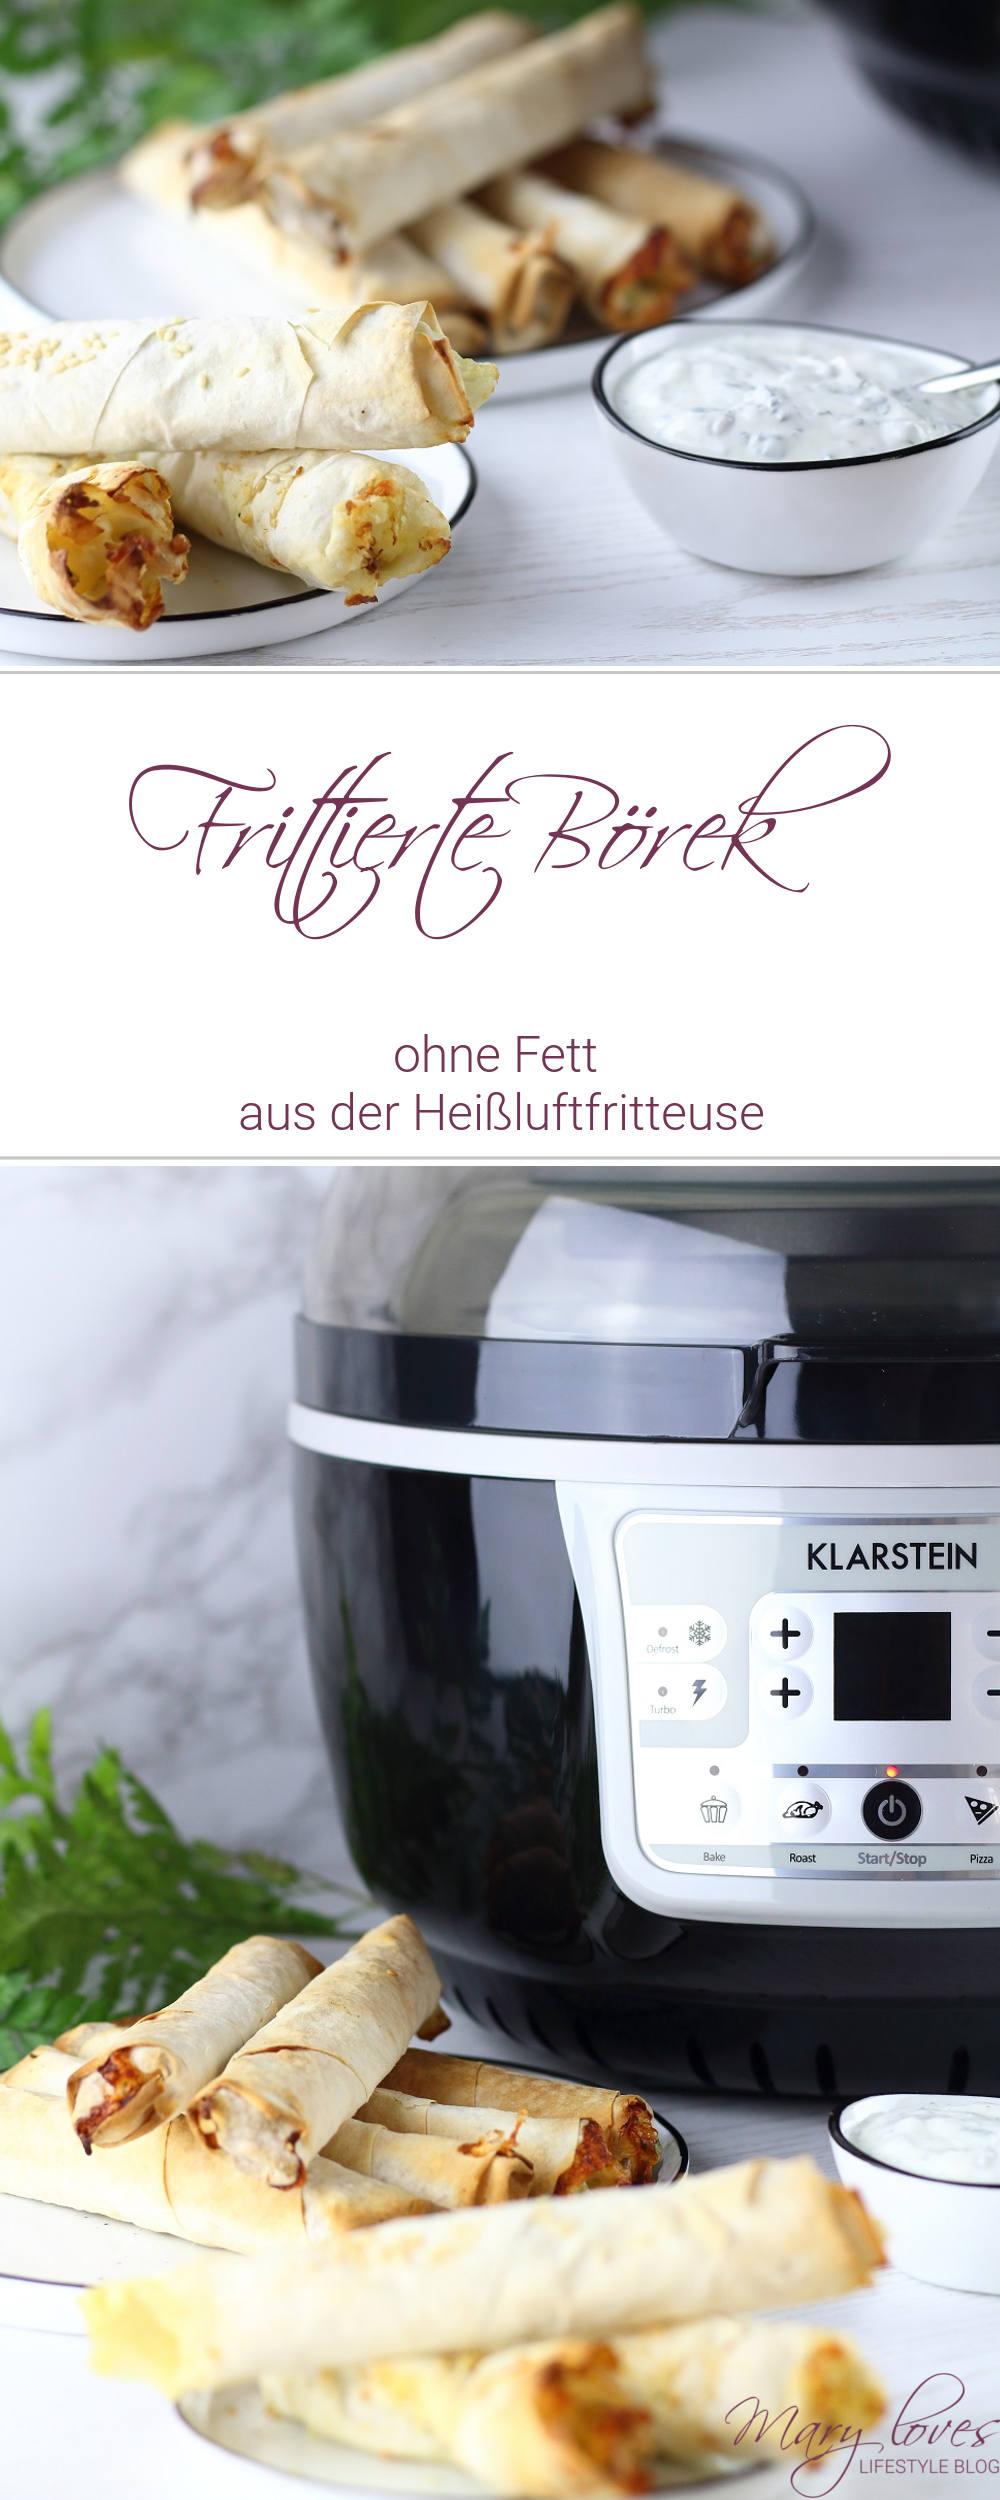 [Anzeige] Gesund frittiert - Selbstgemachte Börek aus der Klarstein VitAir Turbo Heißluftfritteuse - #börek #heißluftfritteuse #vitairturbo #klarstein #lowfat #fettfrei